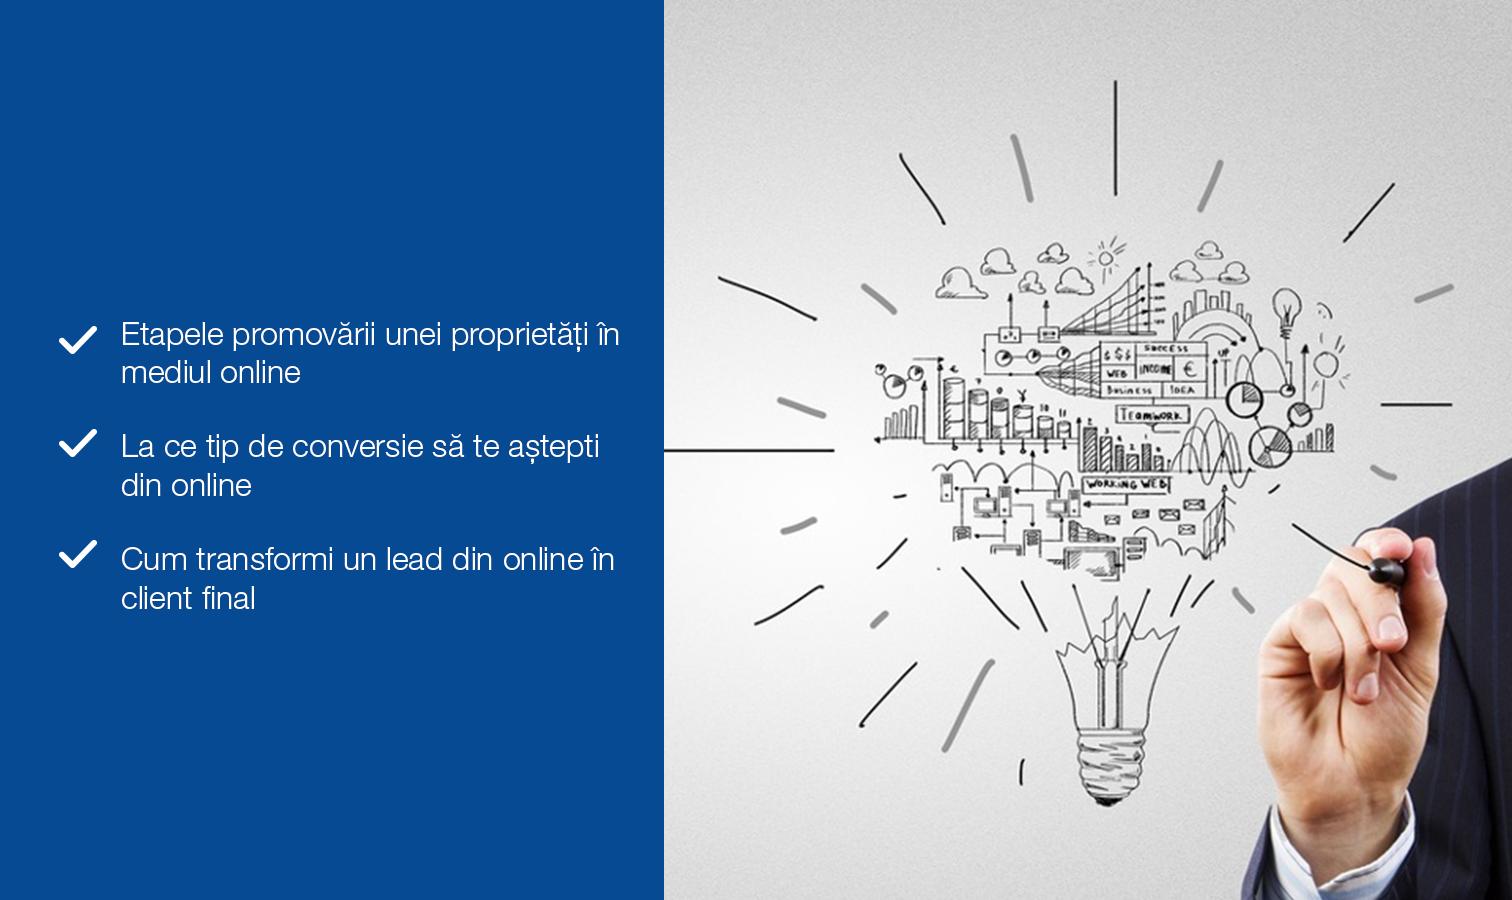 Cum planifici promovarea online a unei proprietăți imobiliare